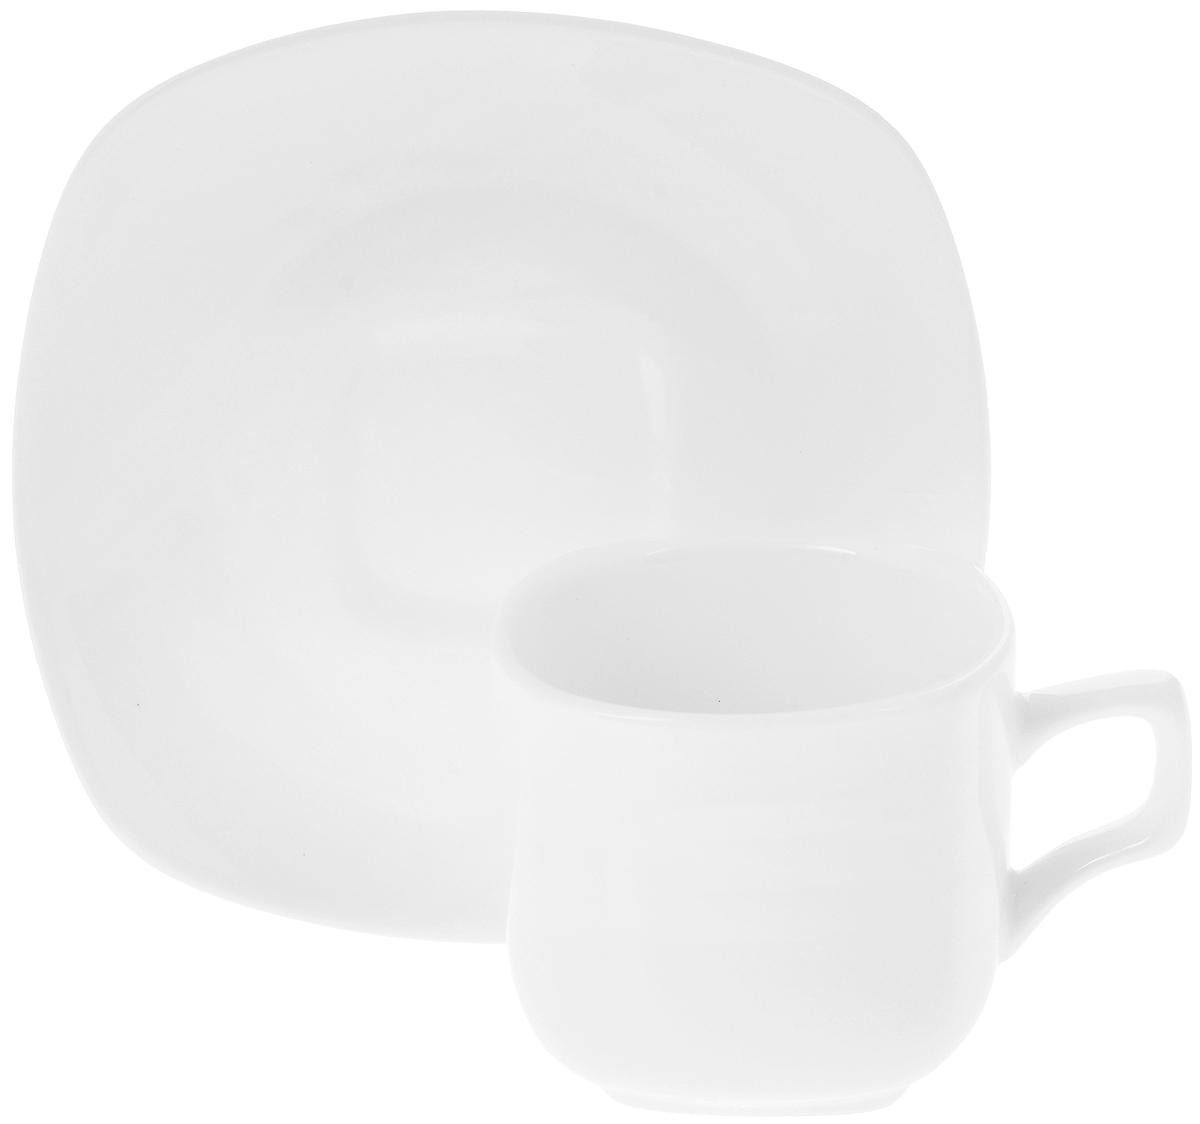 Чайная пара Wilmax, 2 предмета. WL-993003WL-993003 / ABЧайная пара Wilmax состоит из чашки и блюдца, выполненных из высококачественного фарфора и оформленных в классическом стиле. Оригинальный дизайн обязательно придется вам по вкусу. Чайная пара Wilmax украсит ваш кухонный стол, а также станет замечательным подарком к любому празднику.Объем чашки: 200 мл.Диаметр чашки (по верхнему краю): 7,5 см.Диаметр основания чашки: 4,5 см.Высота чашки: 7 см.Диаметр блюдца: 15 см.